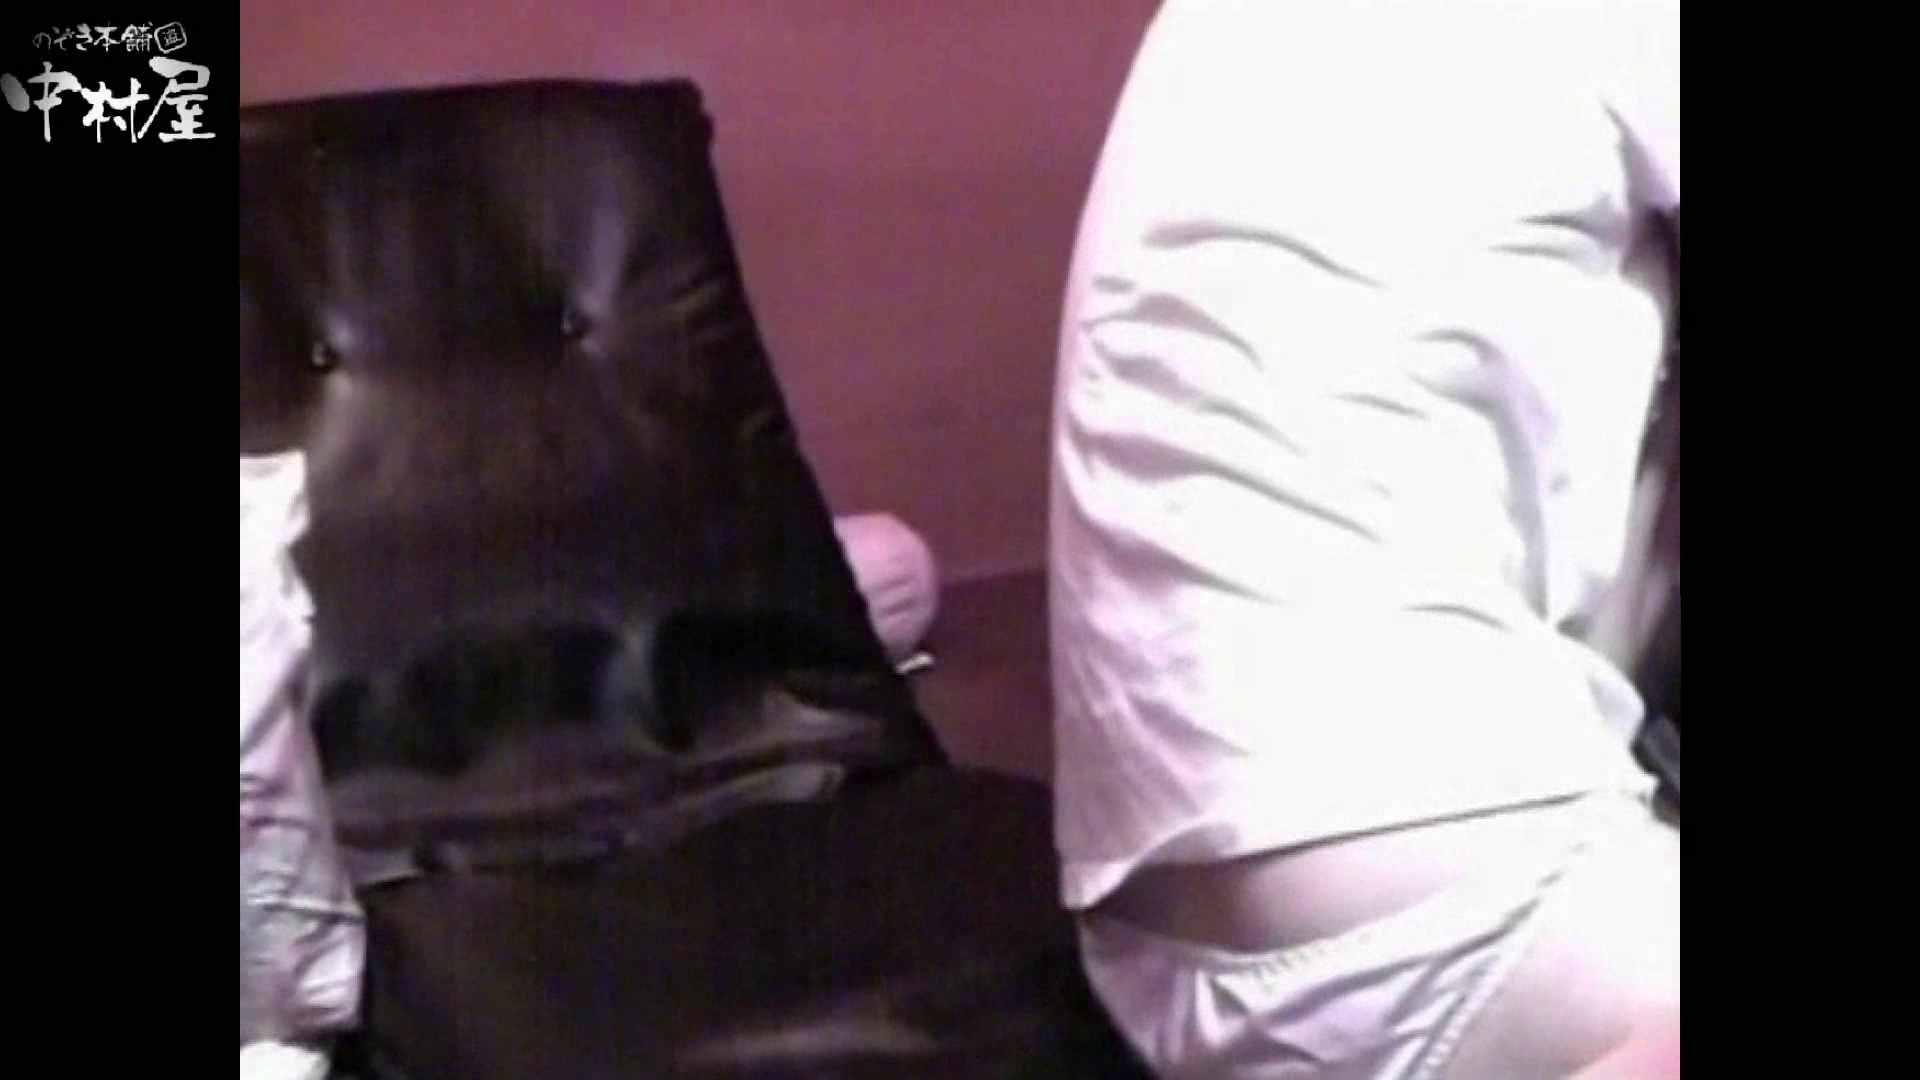 ネットカフェ盗撮師トロントさんの 素人カップル盗撮記vol.5 下半身 すけべAV動画紹介 94連発 19